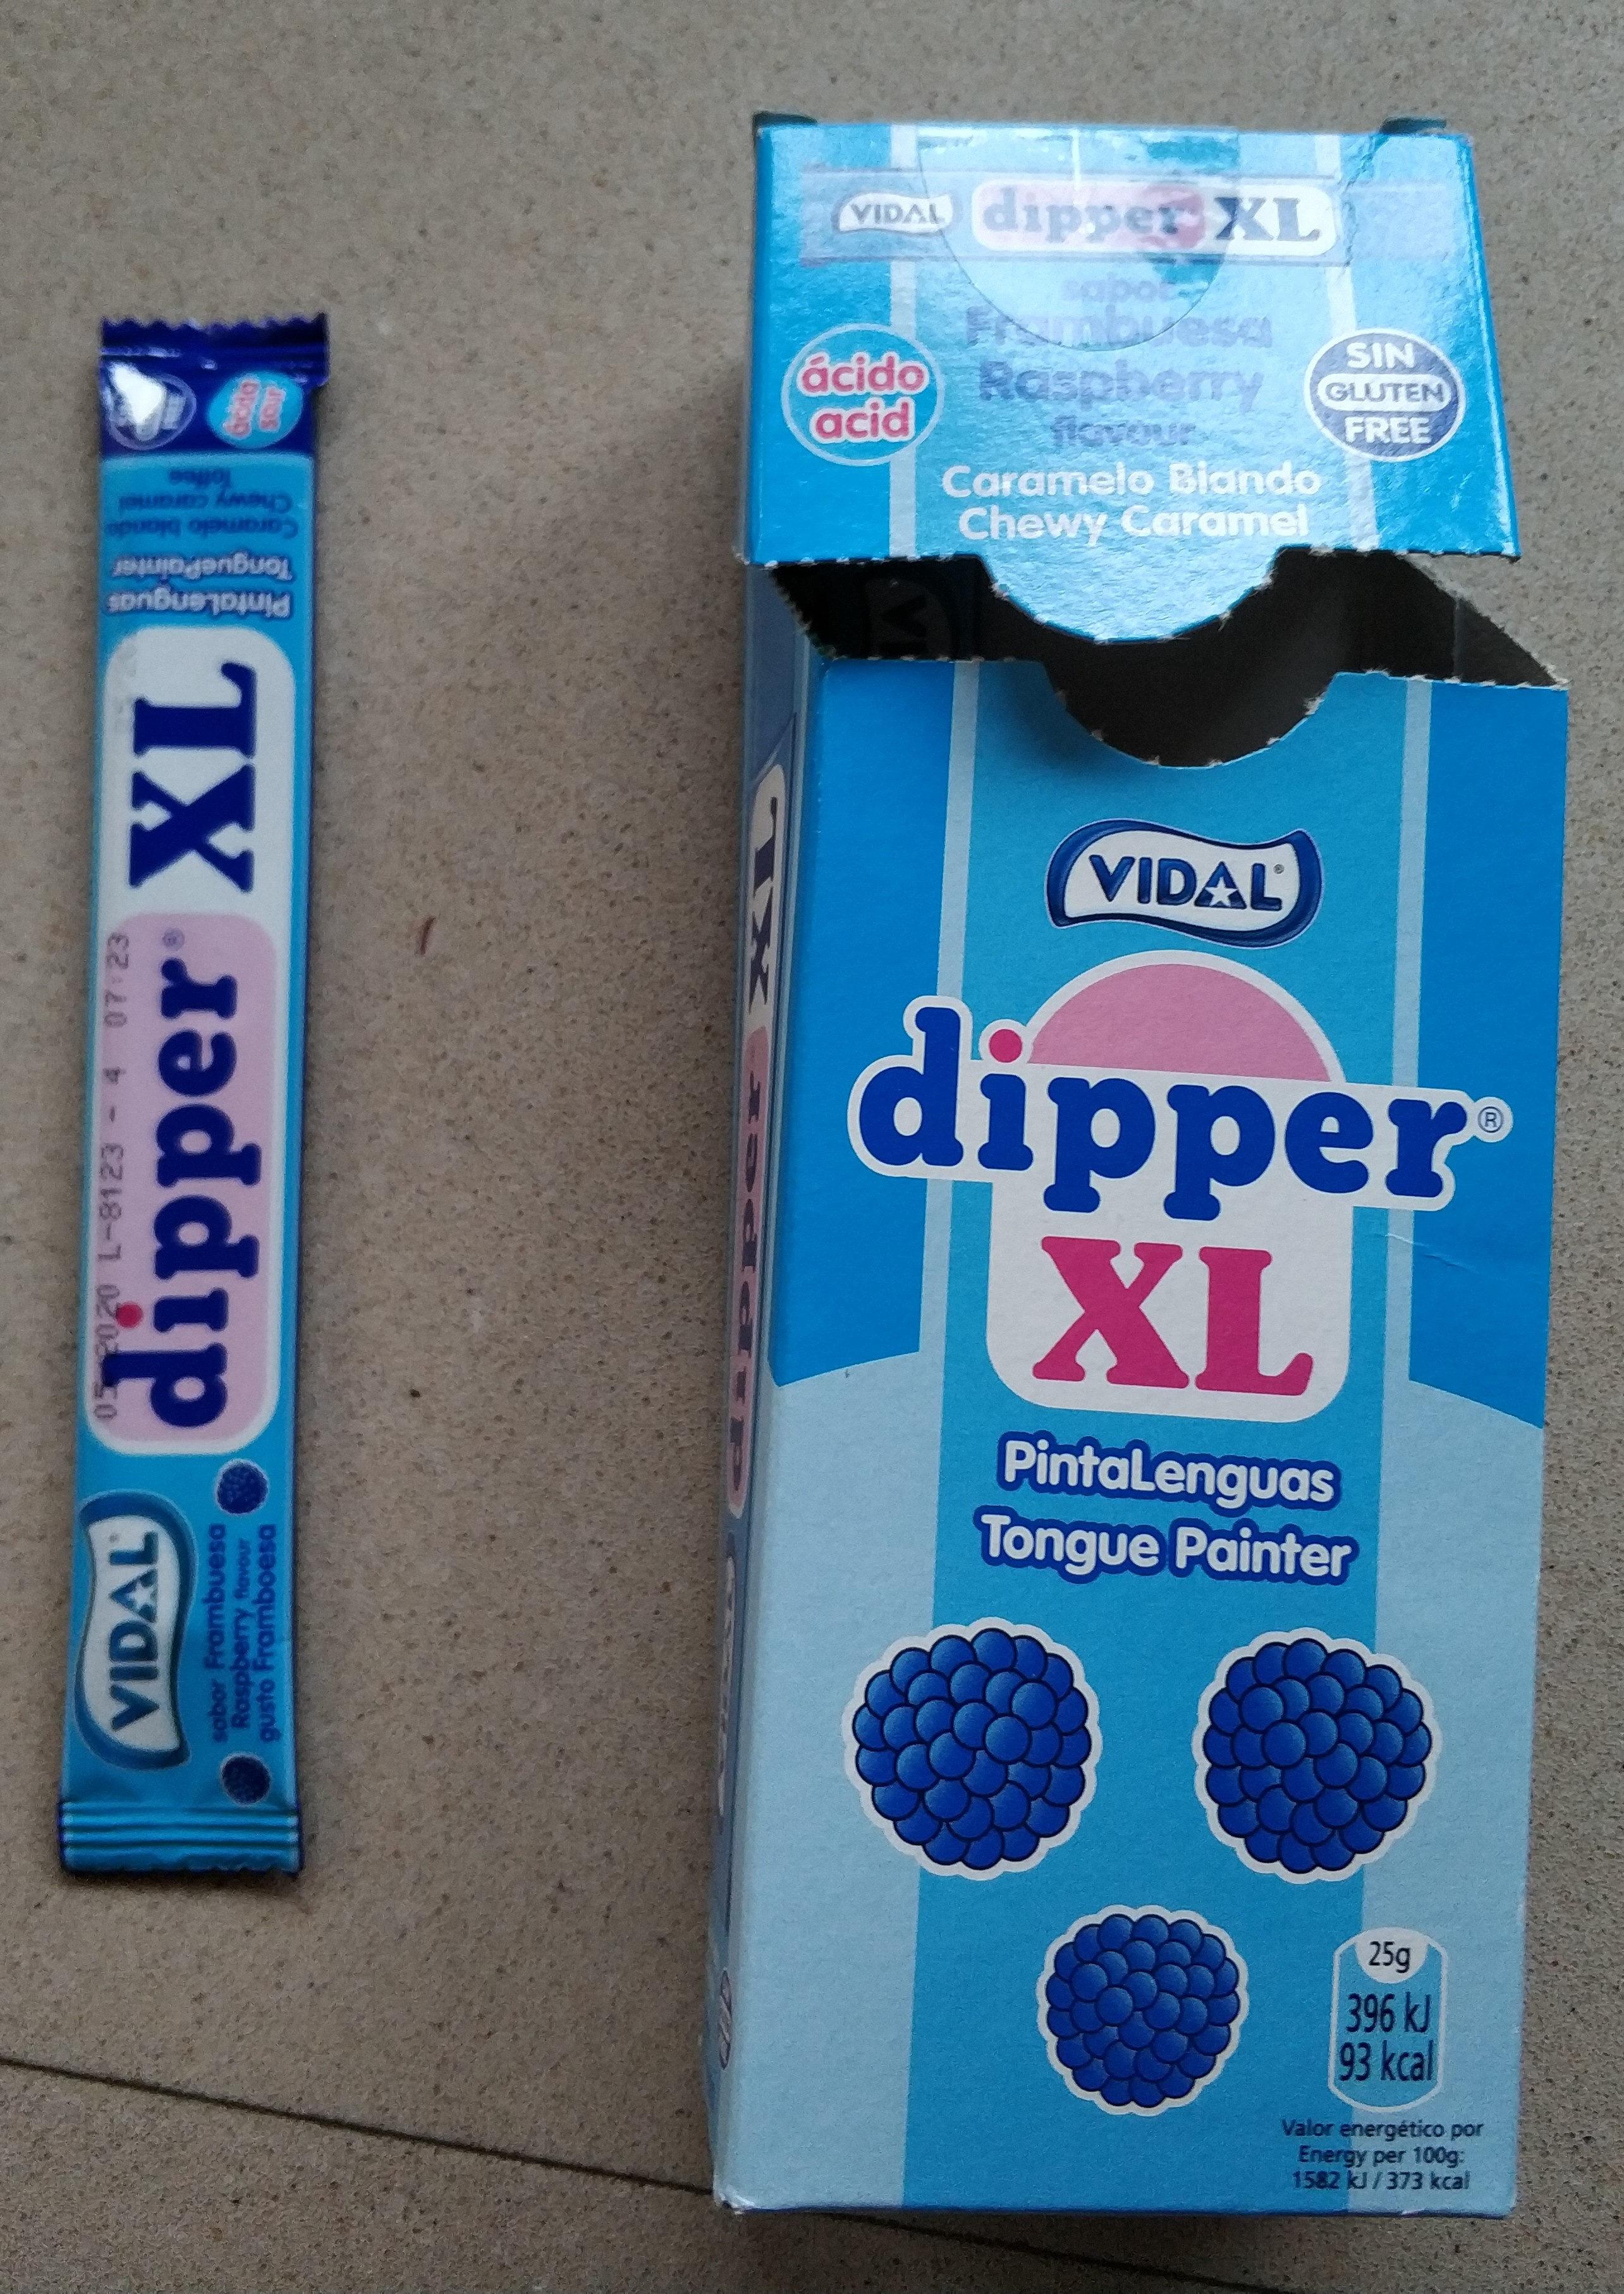 dipper XL - Producto